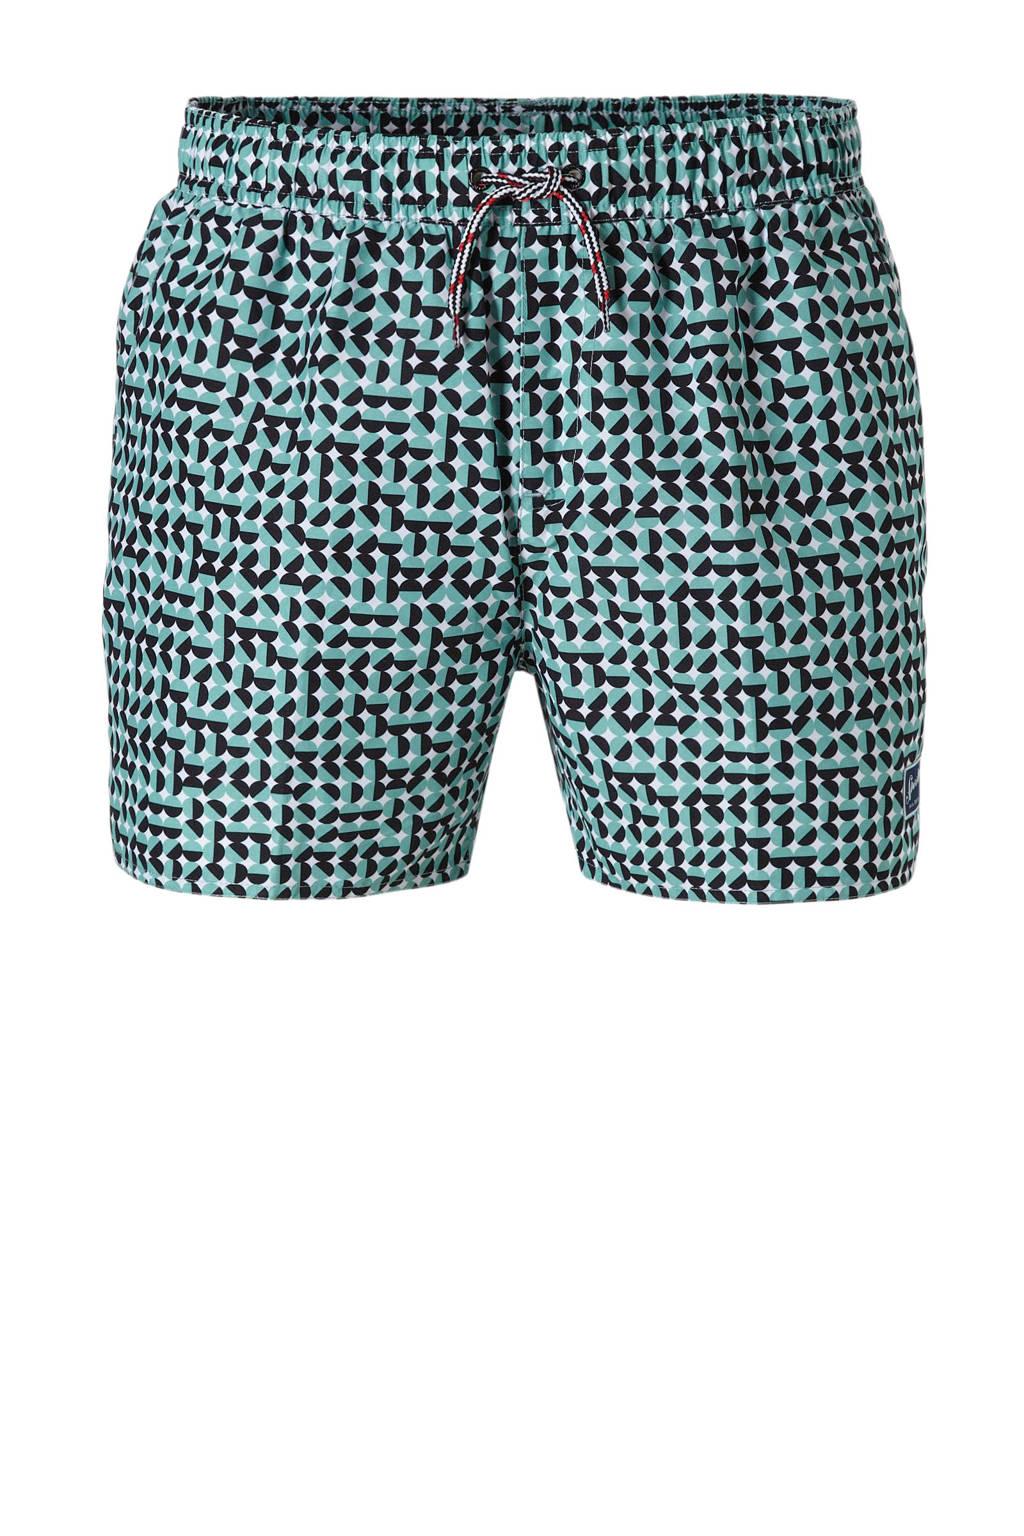 Speedo zwemshort met all-over print groen, Groen/zwart/wit